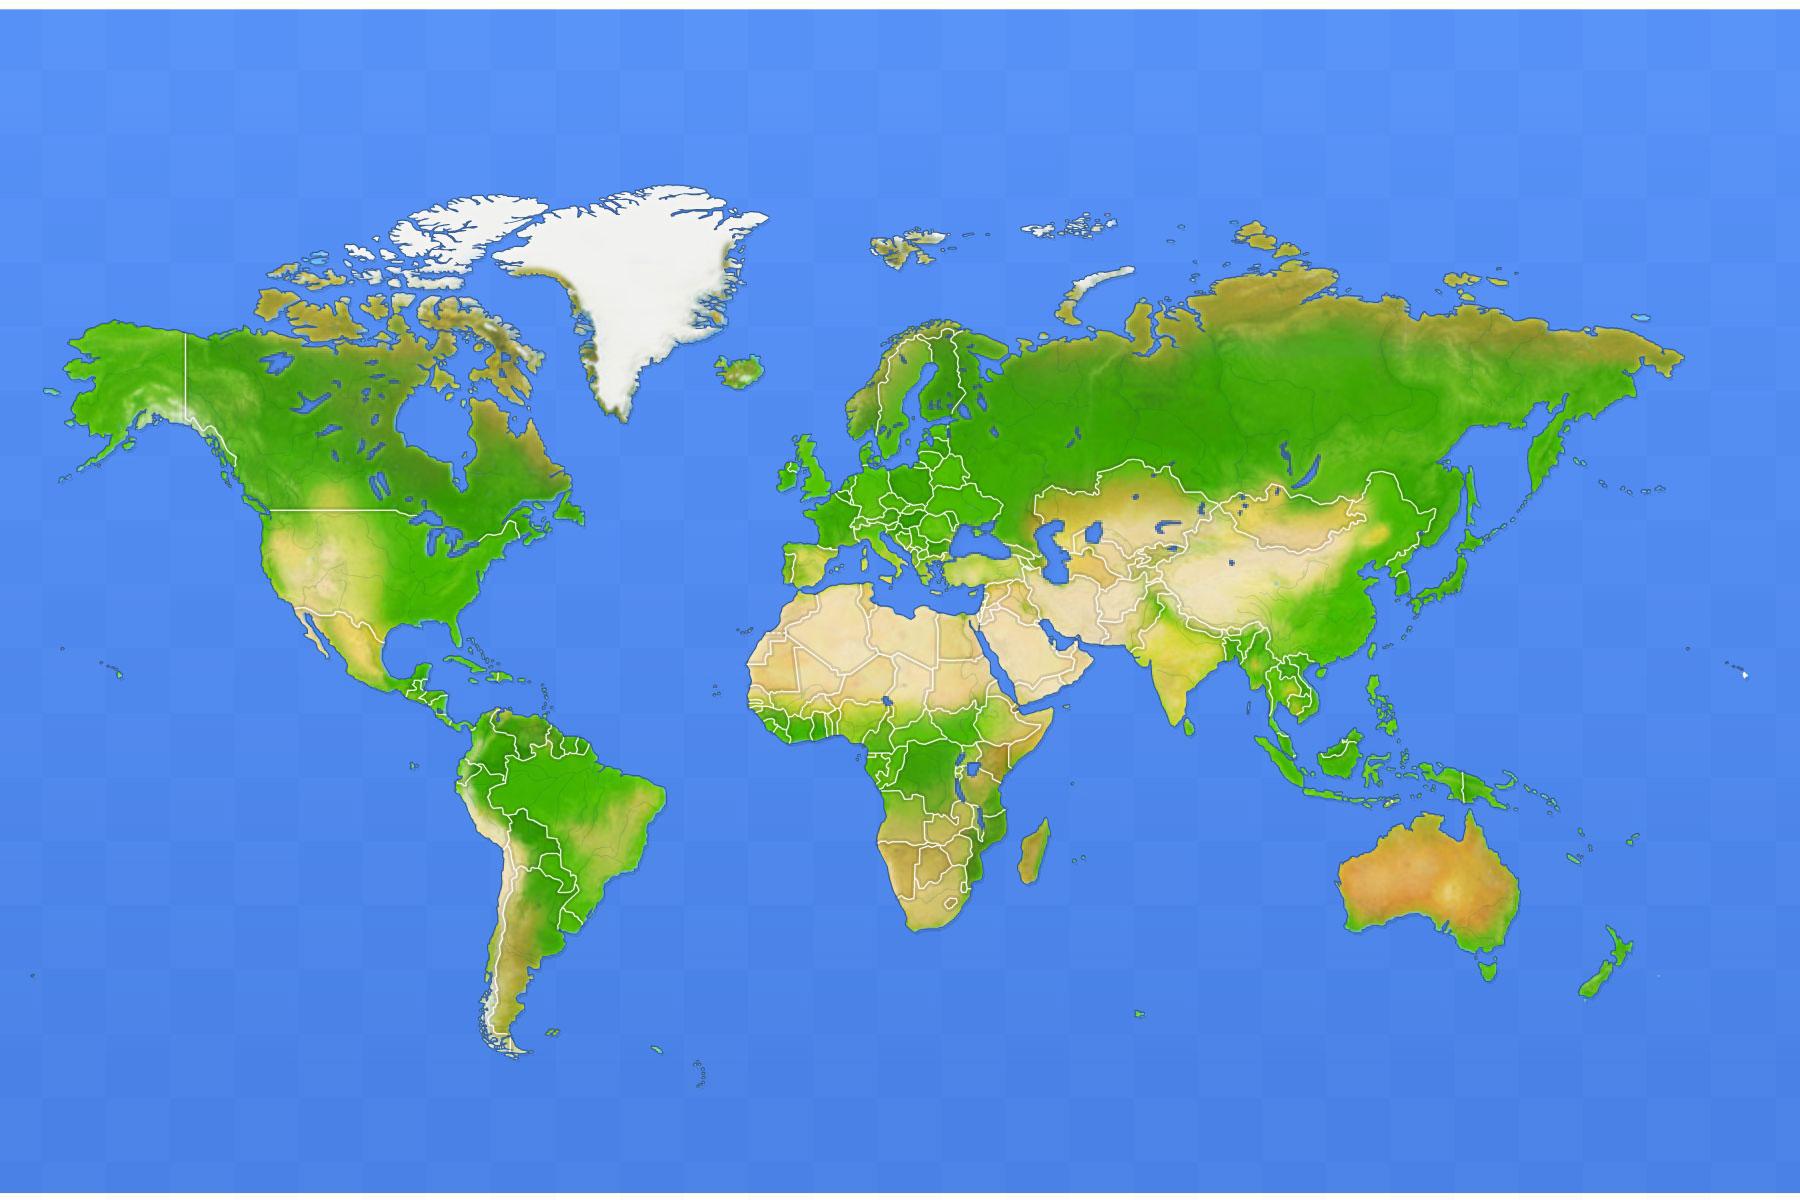 Jeux-Geographiques Jeux Gratuits Jeu Villes Du Monde dedans Jeux De Carte Geographique Du Monde